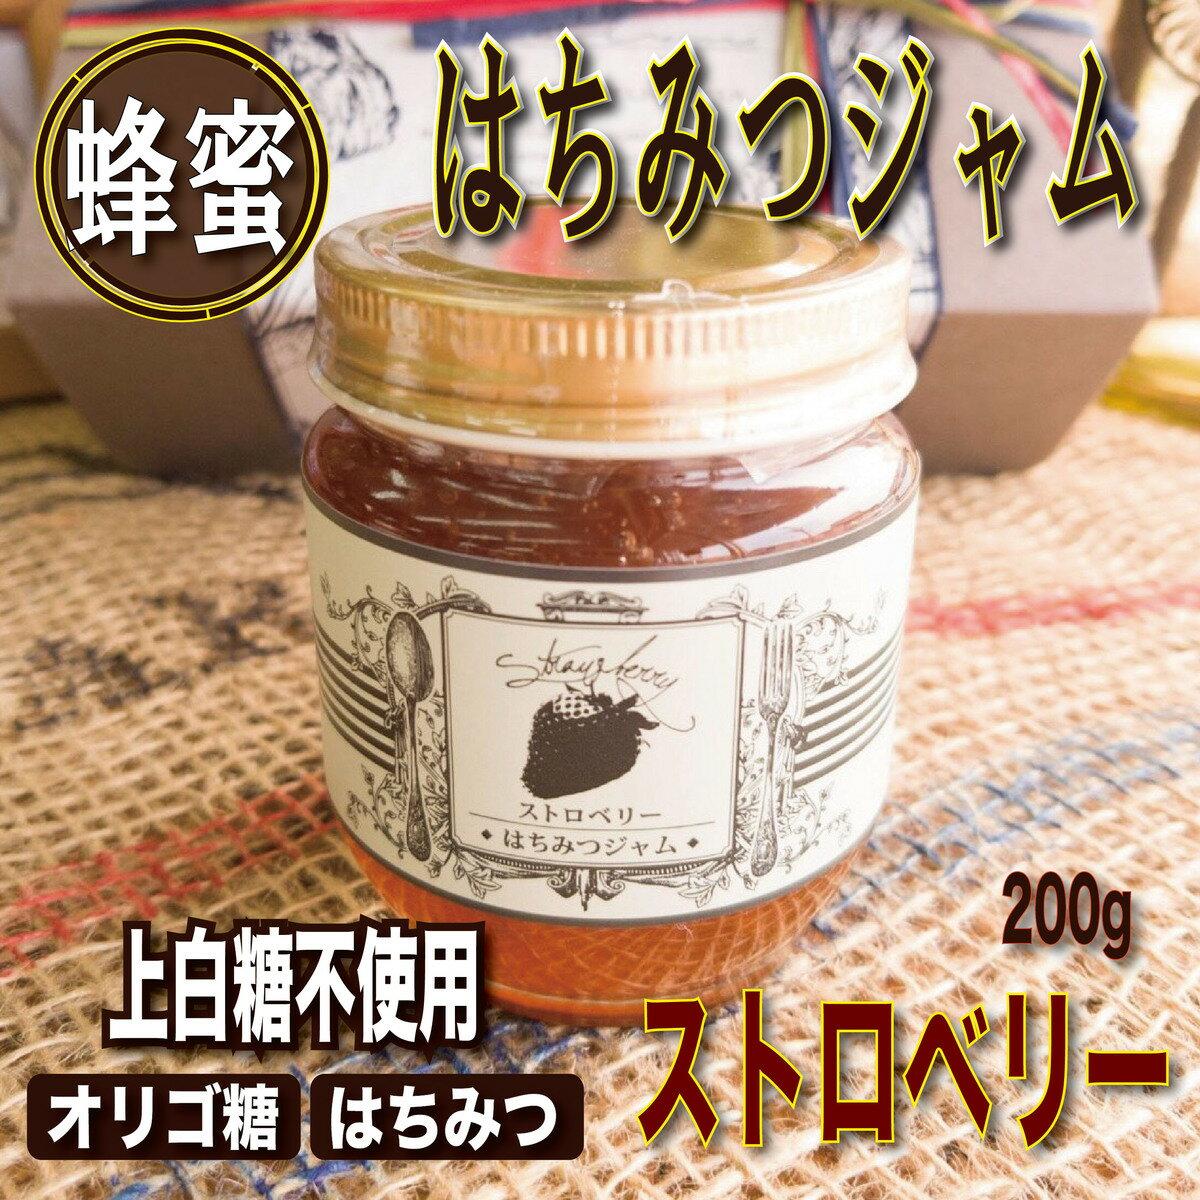 再入荷! はちみつ いちご ストロベリー ジャム 砂糖不使用蜂蜜 オリゴ糖 安心 安全